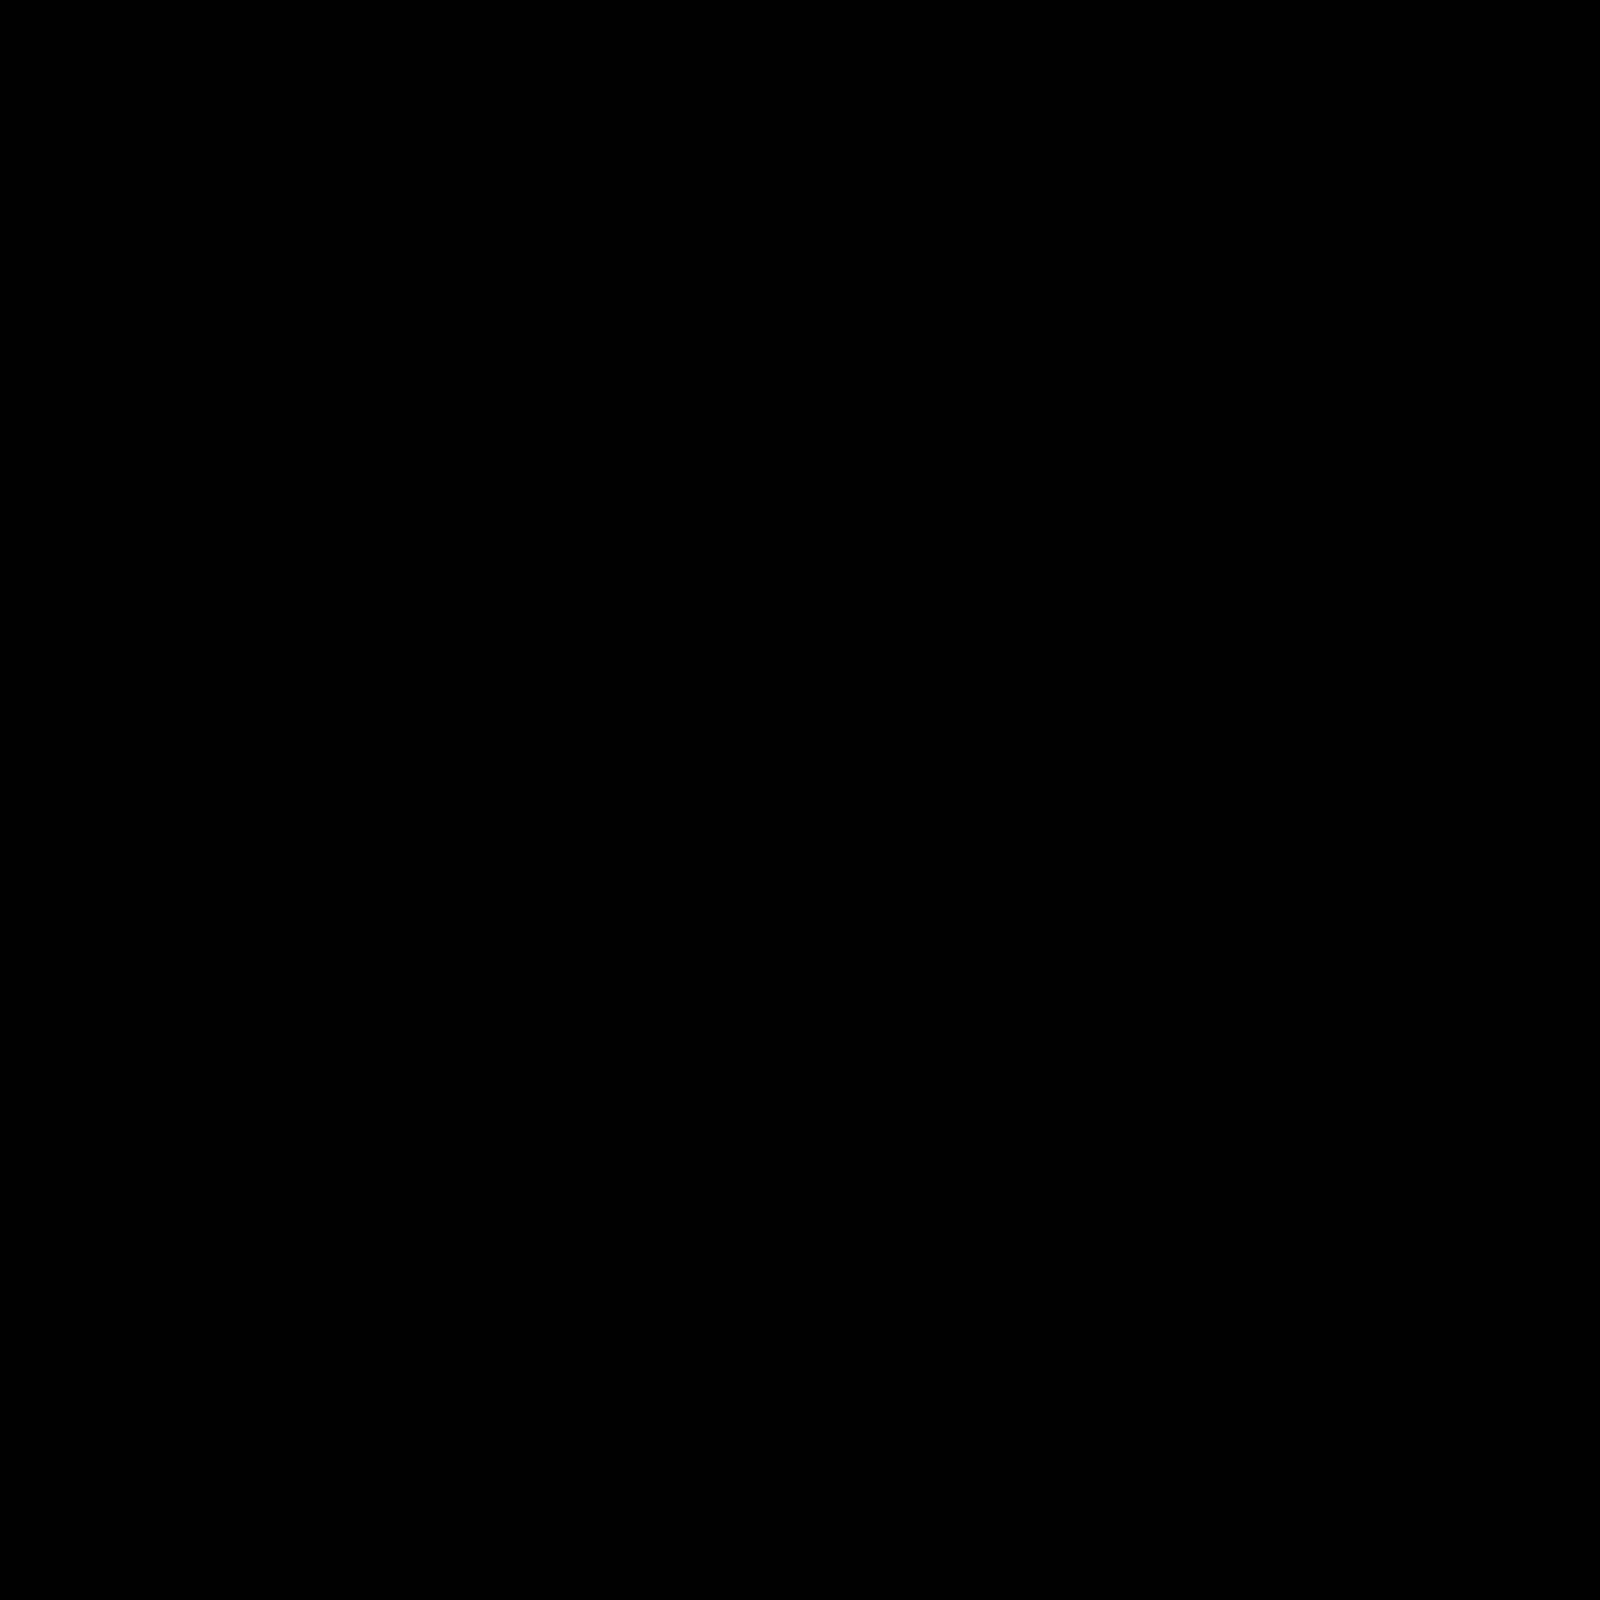 Indukcyjne Pomiar odległości icon